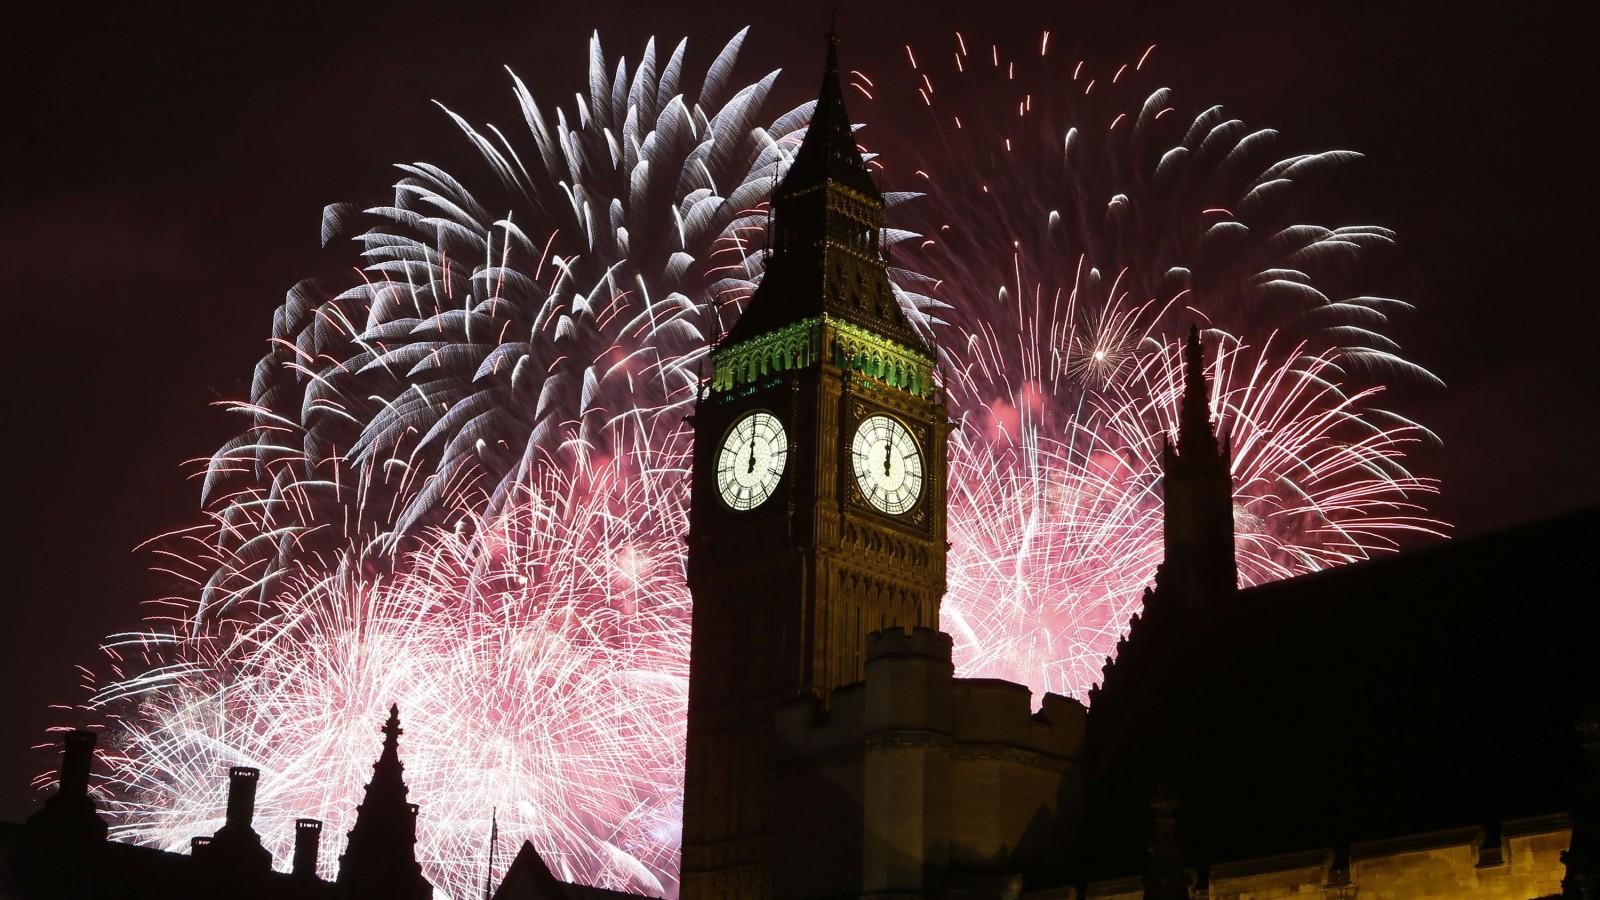 Fireworks explode over Elizabeth Tower housing the Big Ben.